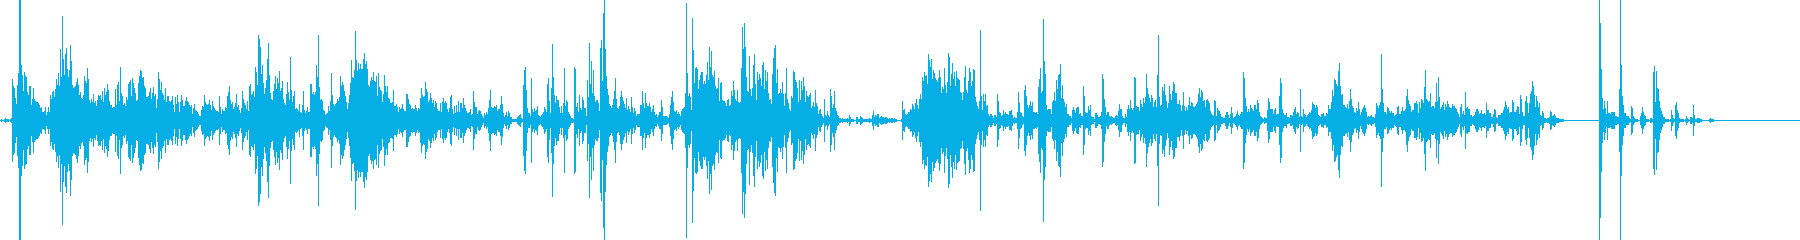 「ジャラジャラ」ブロック玩具をあさる音Bの再生済みの波形